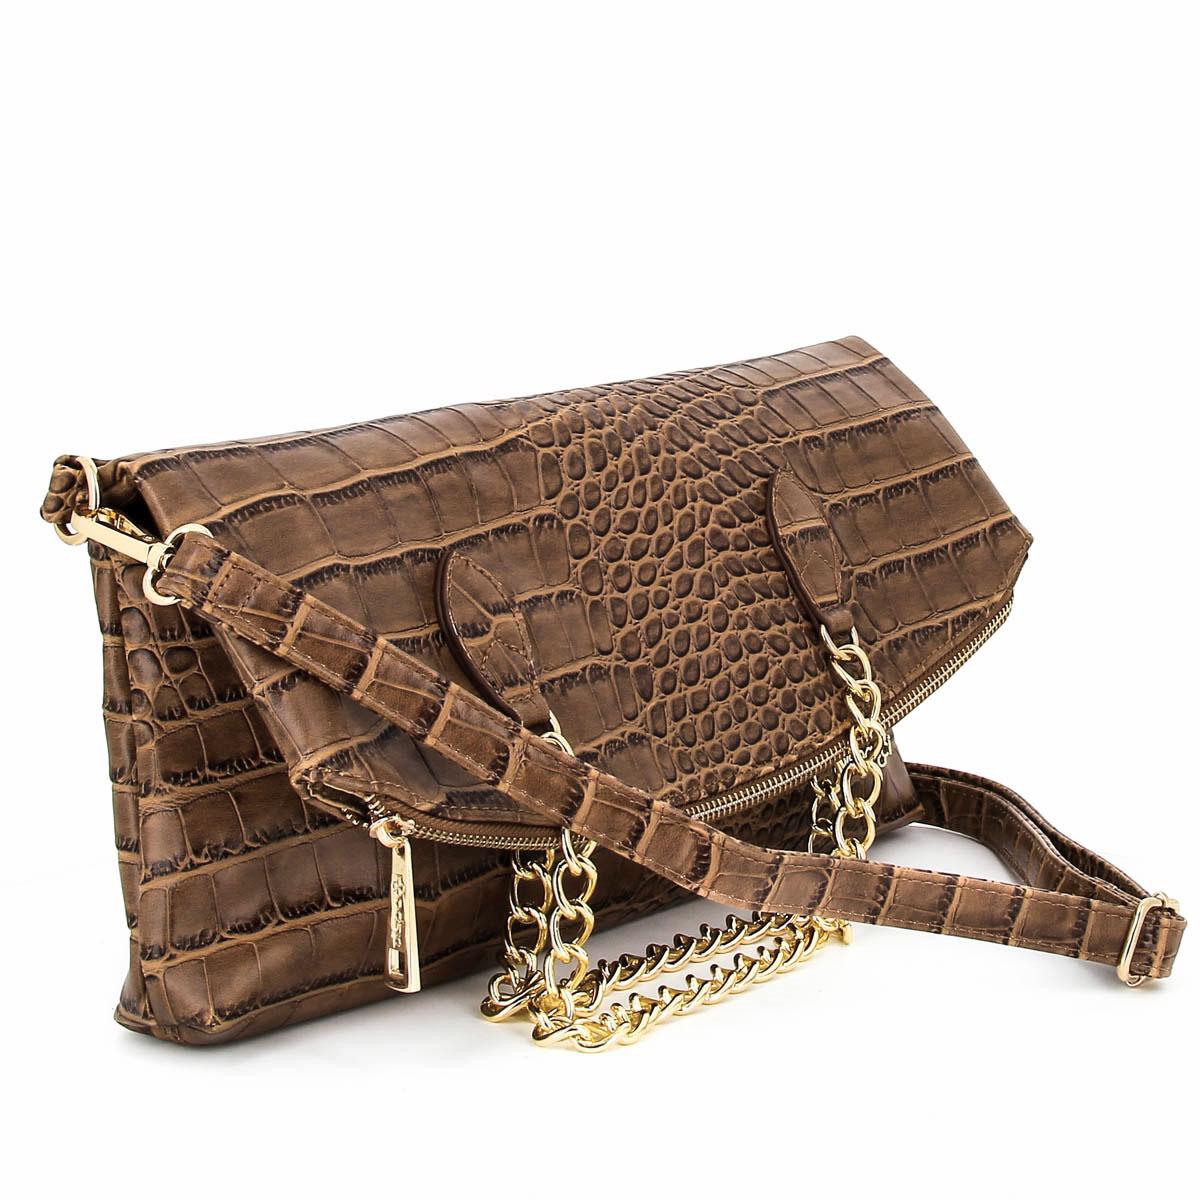 Сумка женская Dispacci, цвет: коричневый. 3083530835Женская сумка Dispacci выполнена из экокожи с тиснением под крокодила, ее можно носить как клатч на длинном ремешке или в руках, так и как полноценную сумку на двух ручках. Сумка закрывается на застежку-молнию и содержит одно отделение. Внутри имеются два открытых накладных кармашка для мобильного телефона и мелочей, врезной кармашек на застежке-молнии и вшитый карман на застежке-молнии, образующий еще один кармашек. С тыльной стороны сумки находится врезной карман на застежке-молнии. Сумка оснащена съемным плечевым регулируемым ремнем и двумя ручками-цепями. Фурнитура - золотистого цвета. Стильная женская сумка добавит вам очарования и сделает образ модным и актуальным.